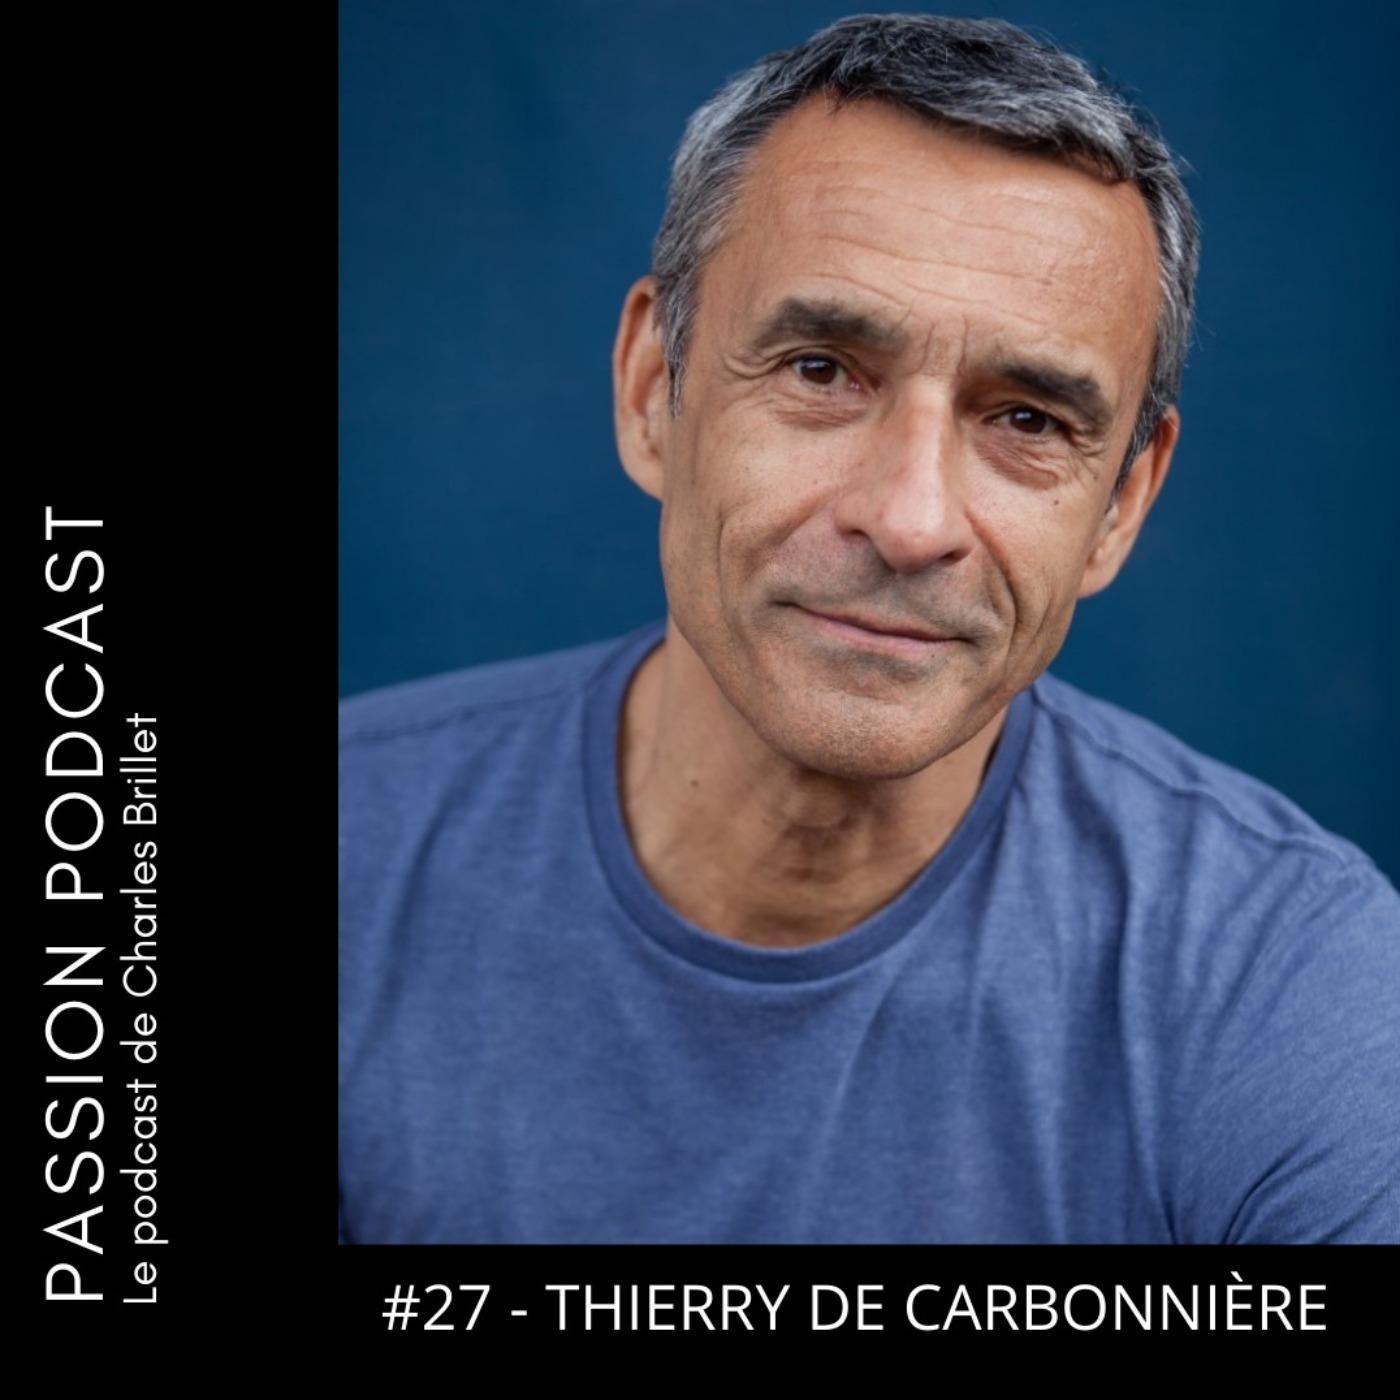 #27 - Thierry de Carbonnières - acteur, scénariste et romancier